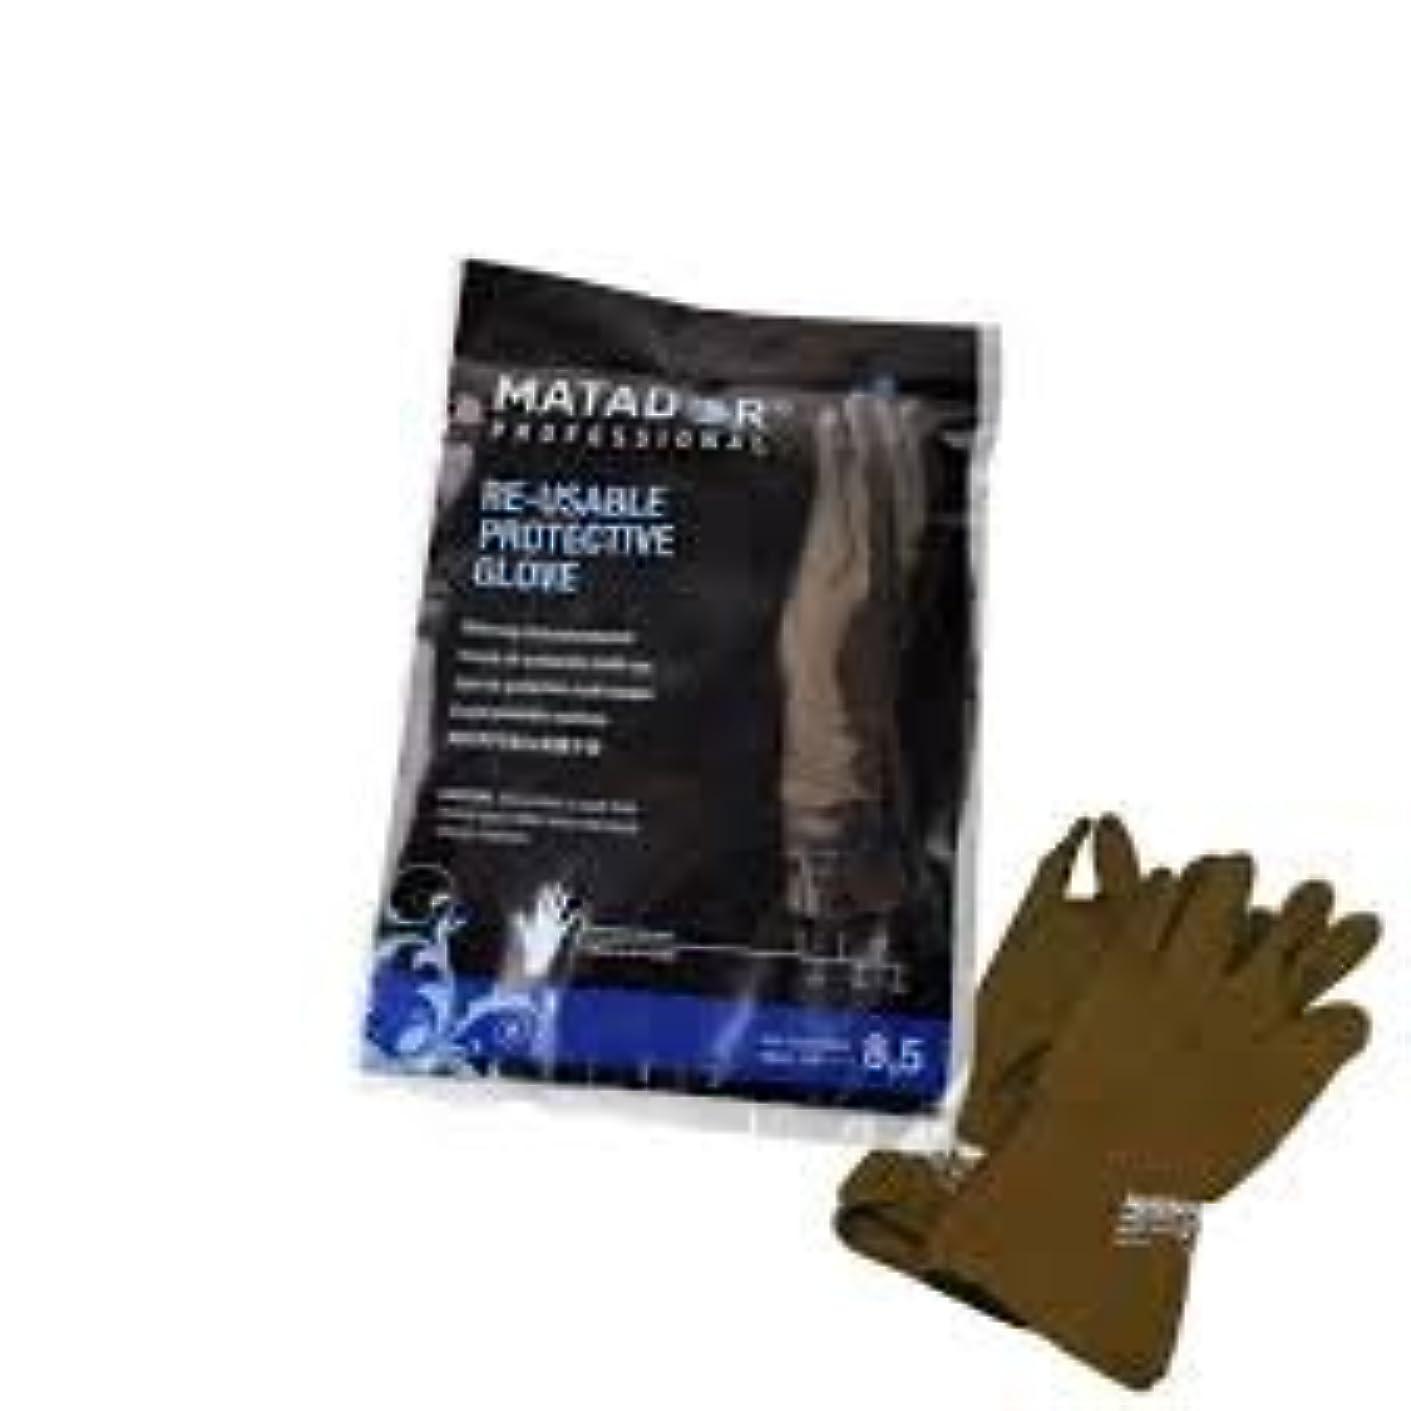 モデレータ毒インタネットを見るマタドールゴム手袋 8.5吋 【5個セット】